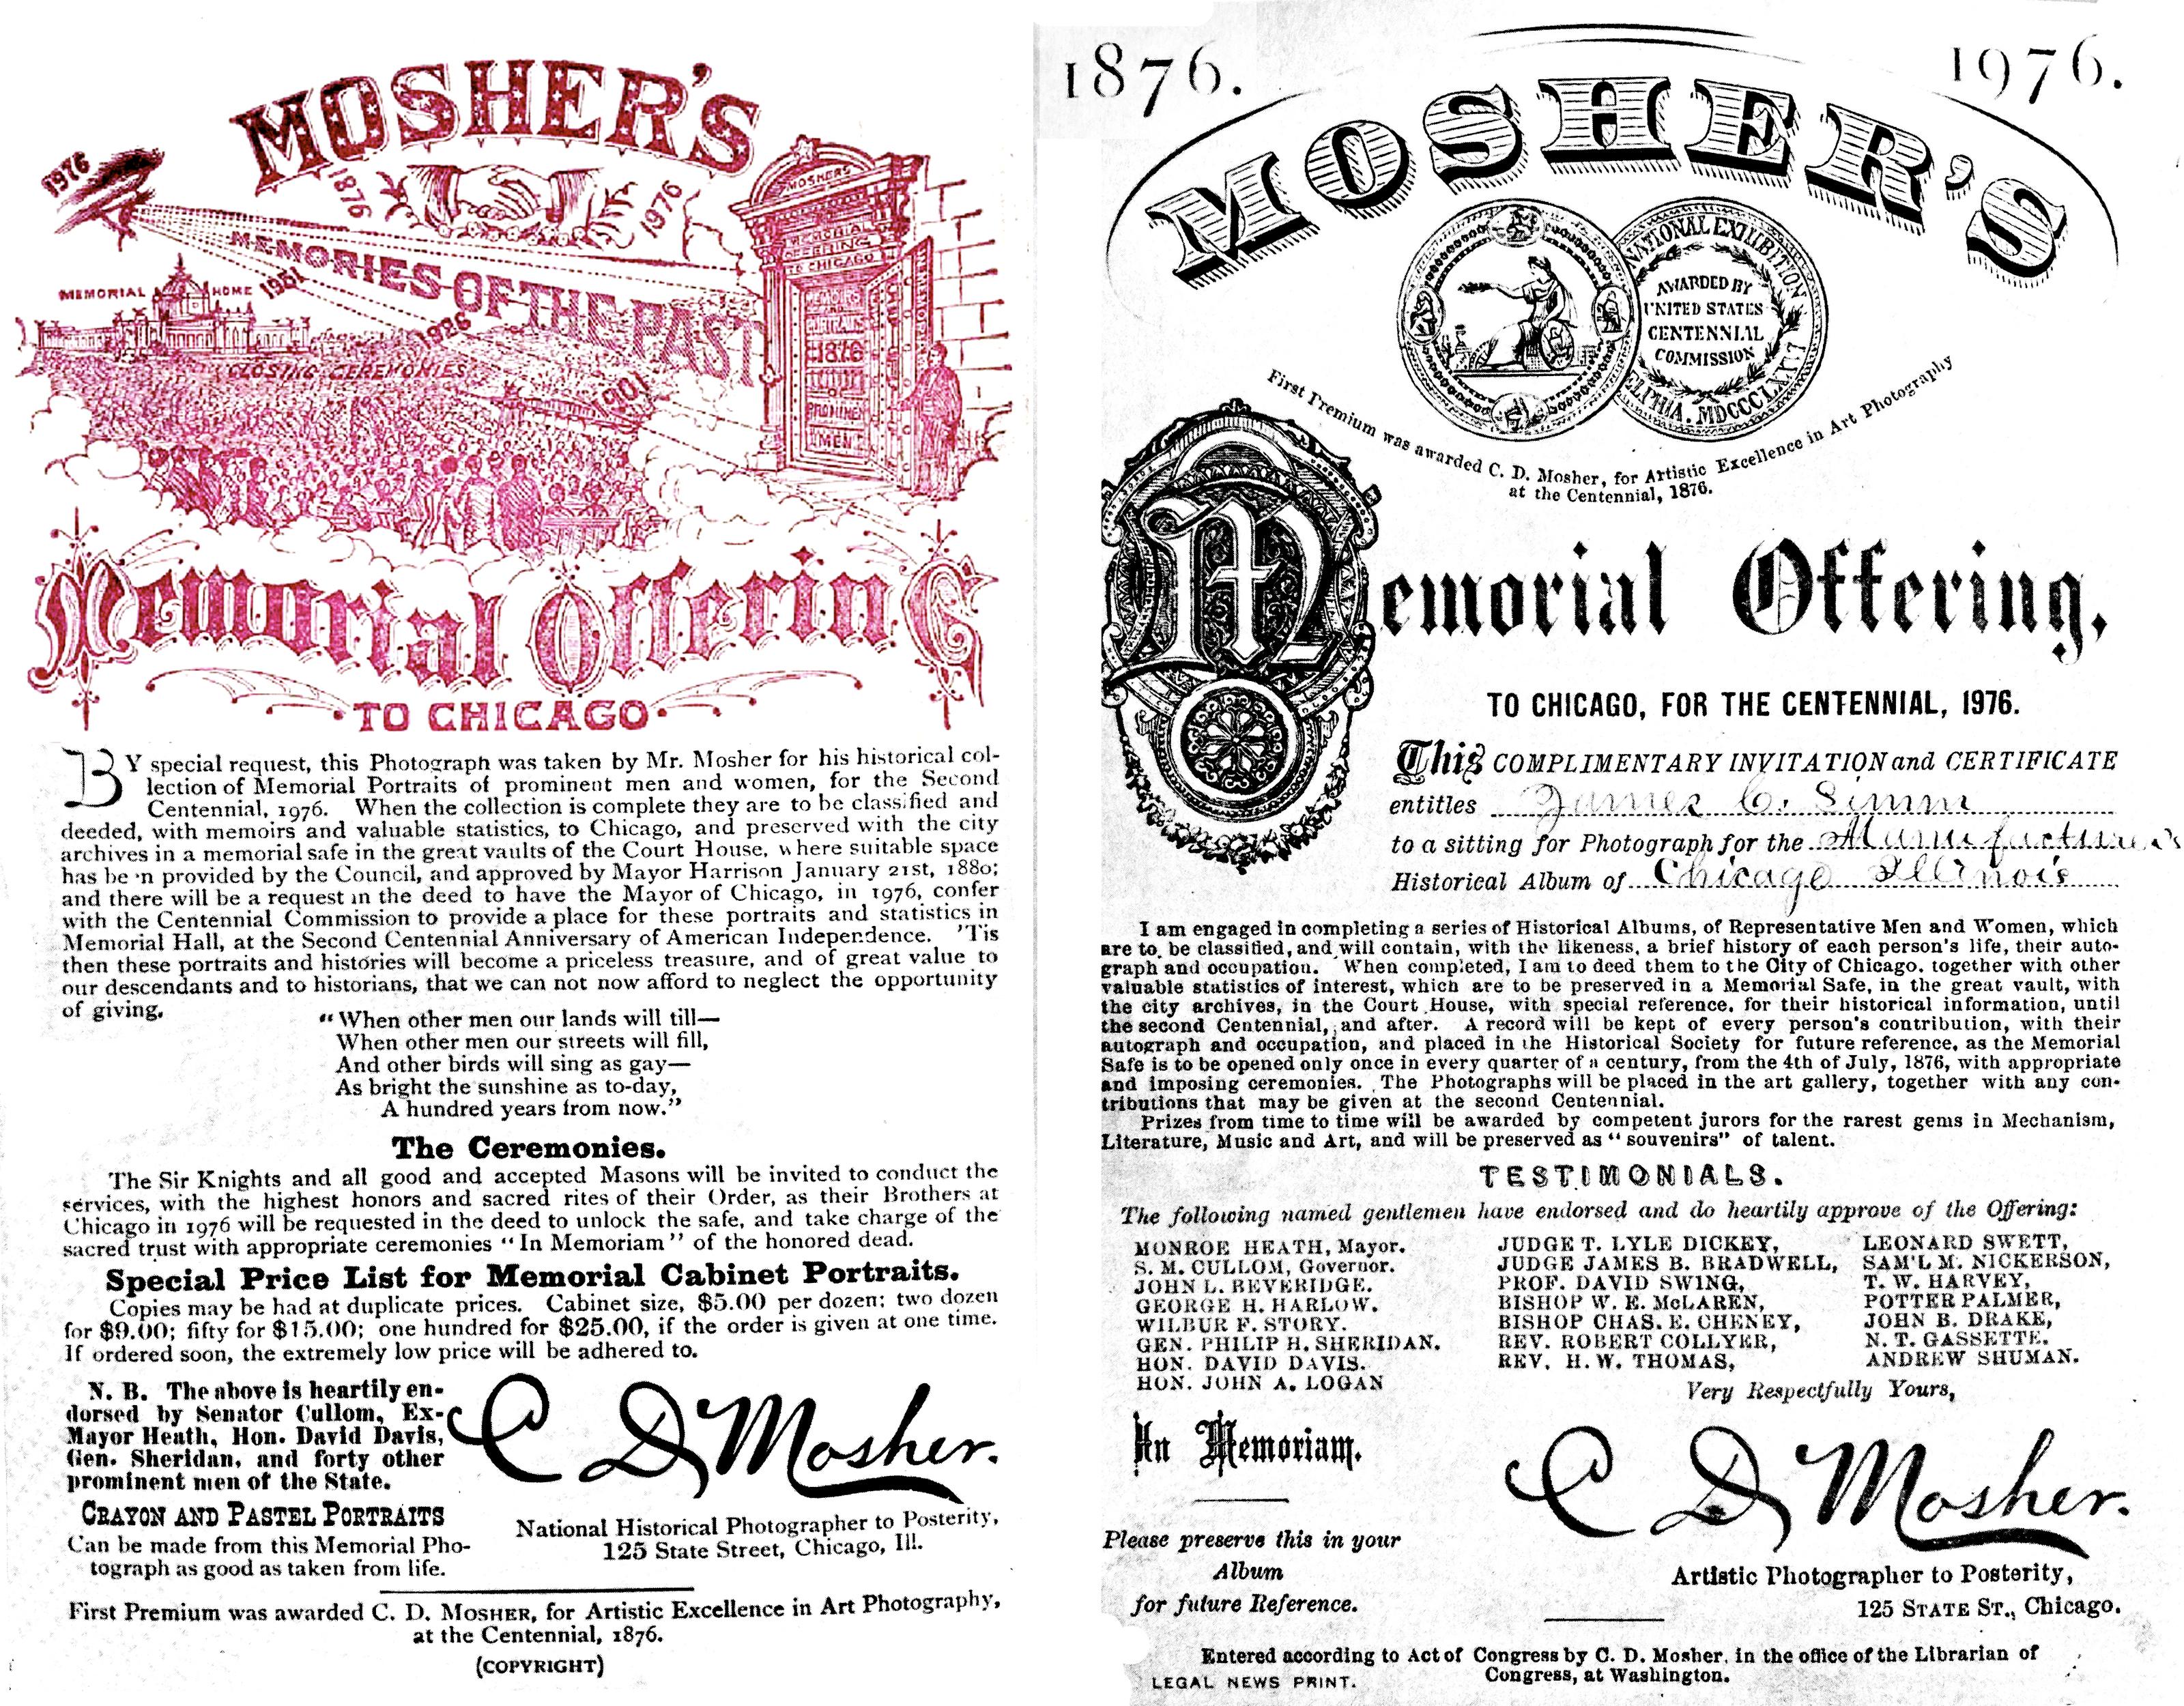 Mosher